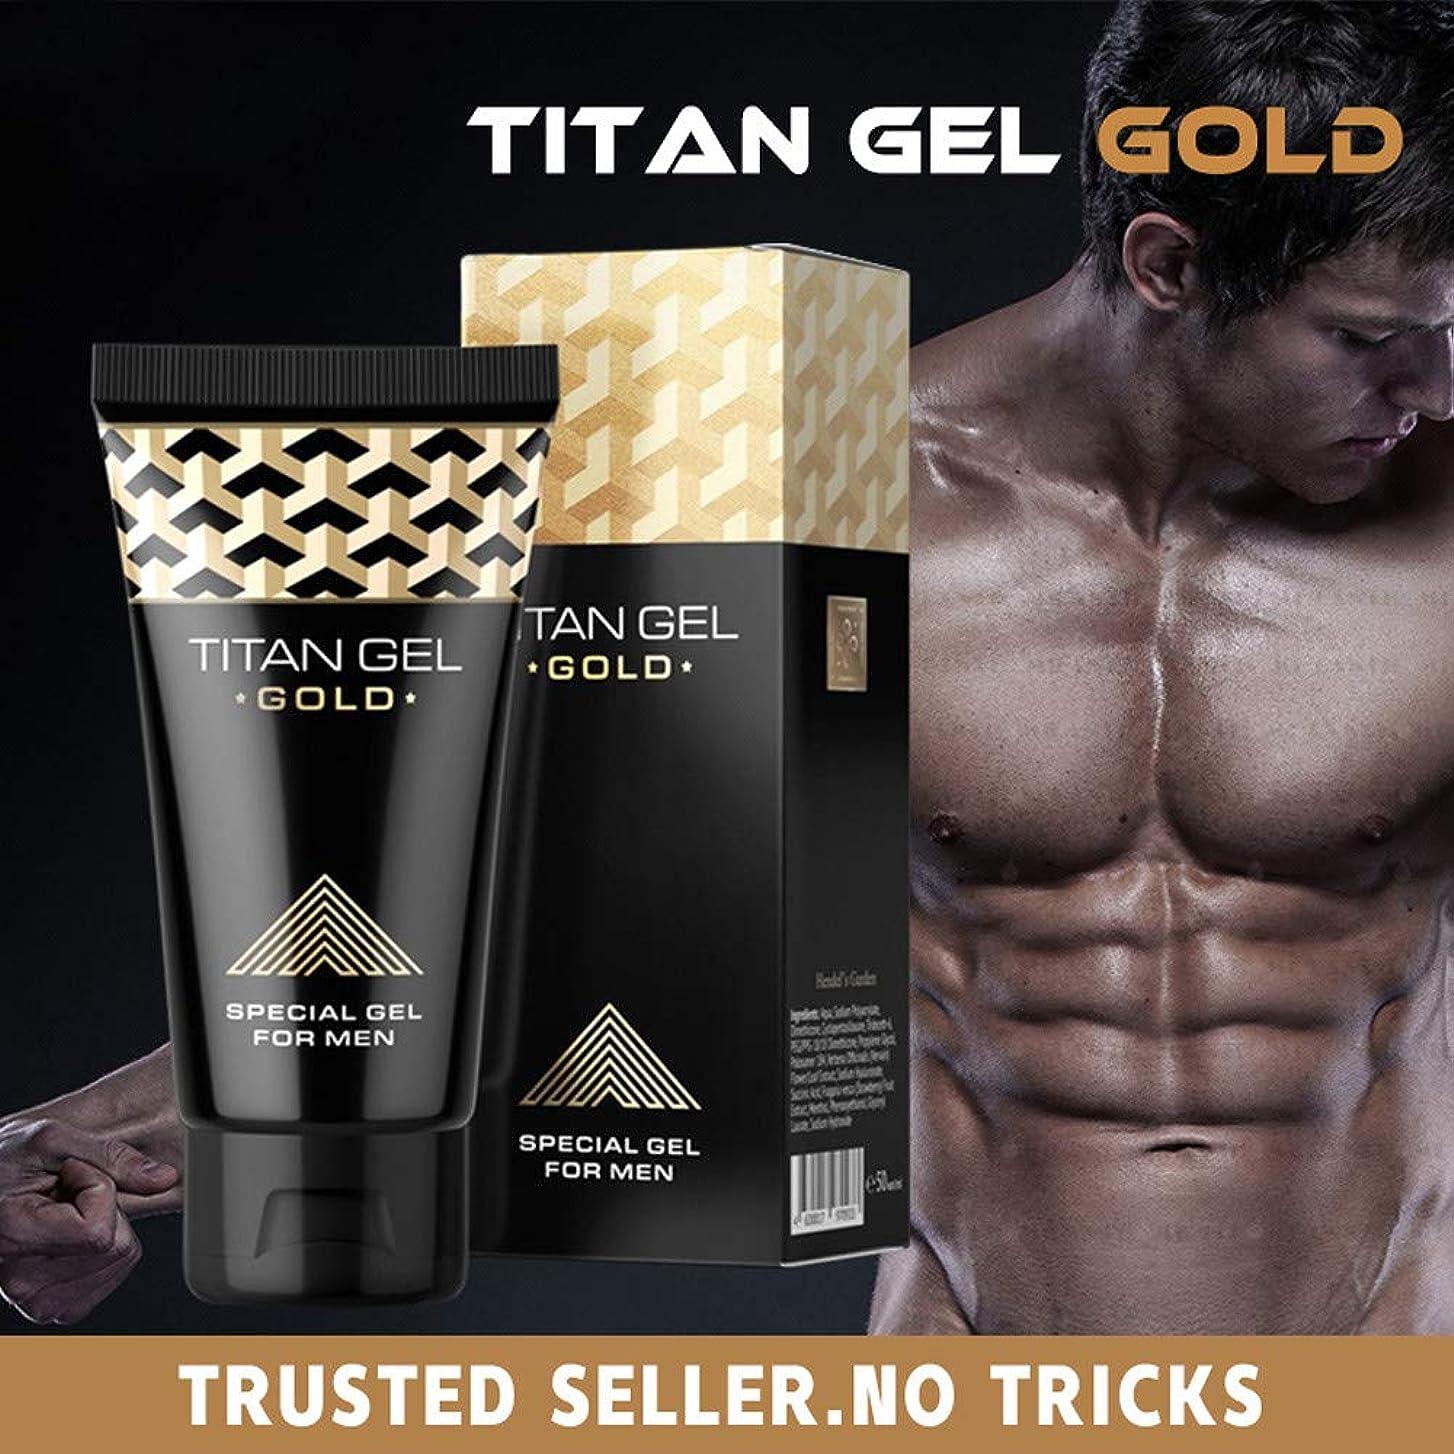 マウンド無し落花生Eldori Male Growth Penis Extender Enlarger Increase Herbal Enlargement Essential Oil エッセンシャルオイル ペニス用 マッサージオイル 男性用 10ML (R)